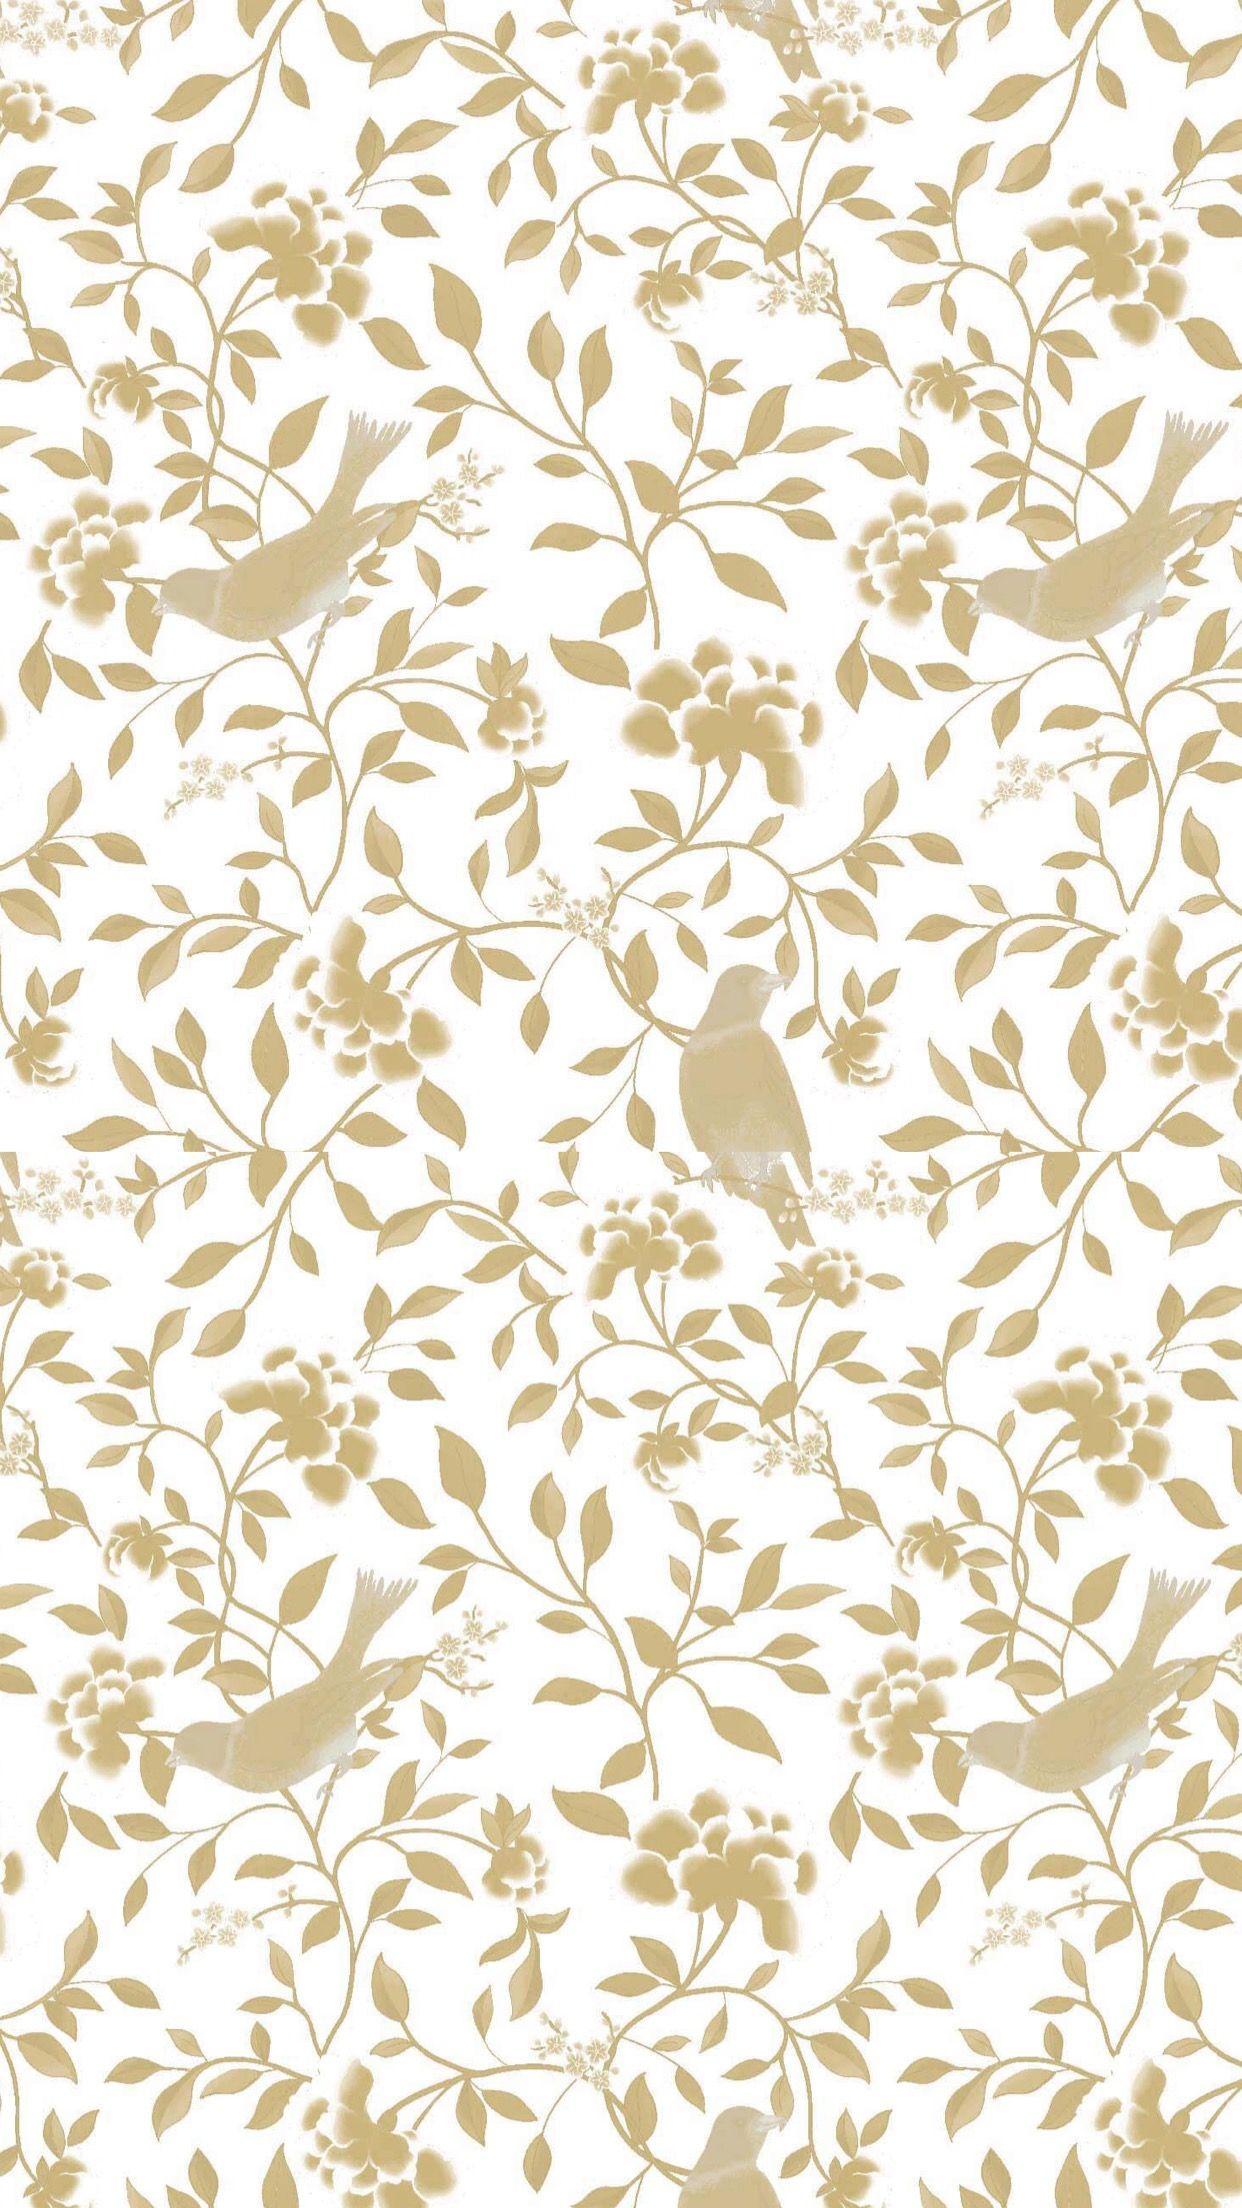 birds, leaves, white, gold Gold wallpaper, Wallpaper